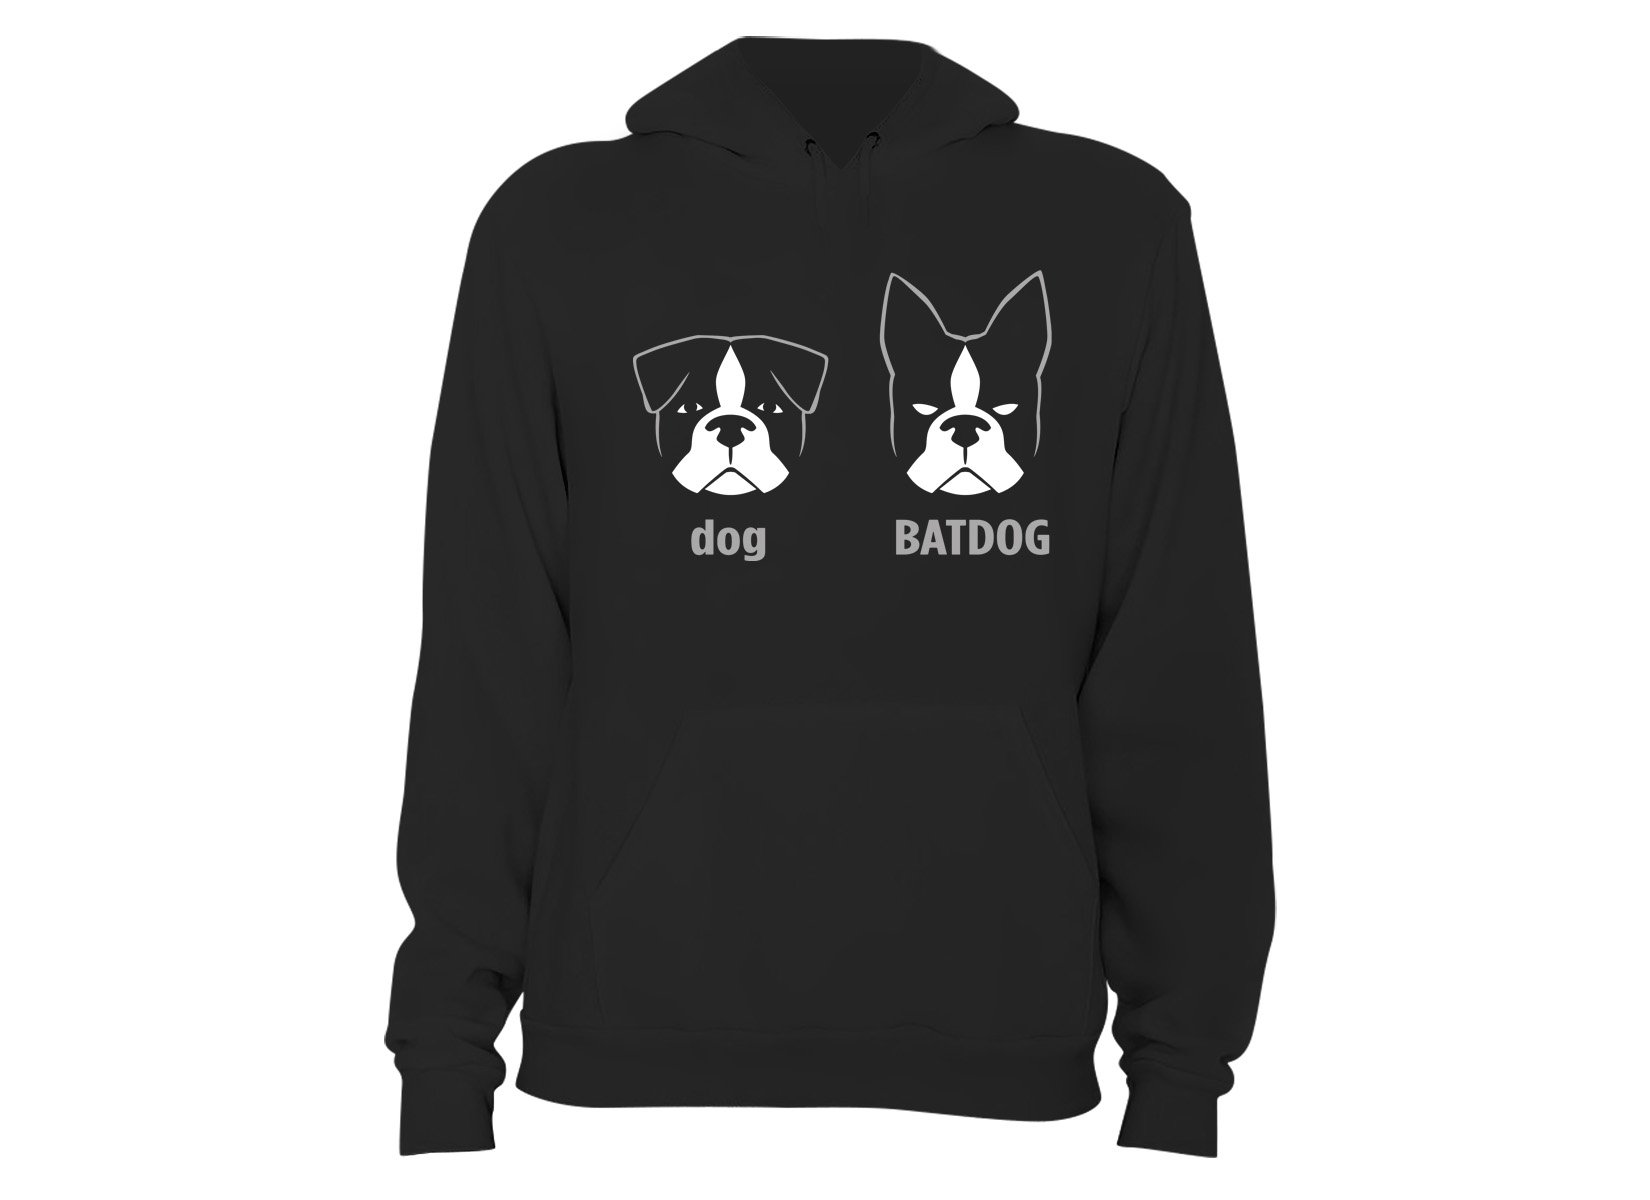 Batdog on Hoodie